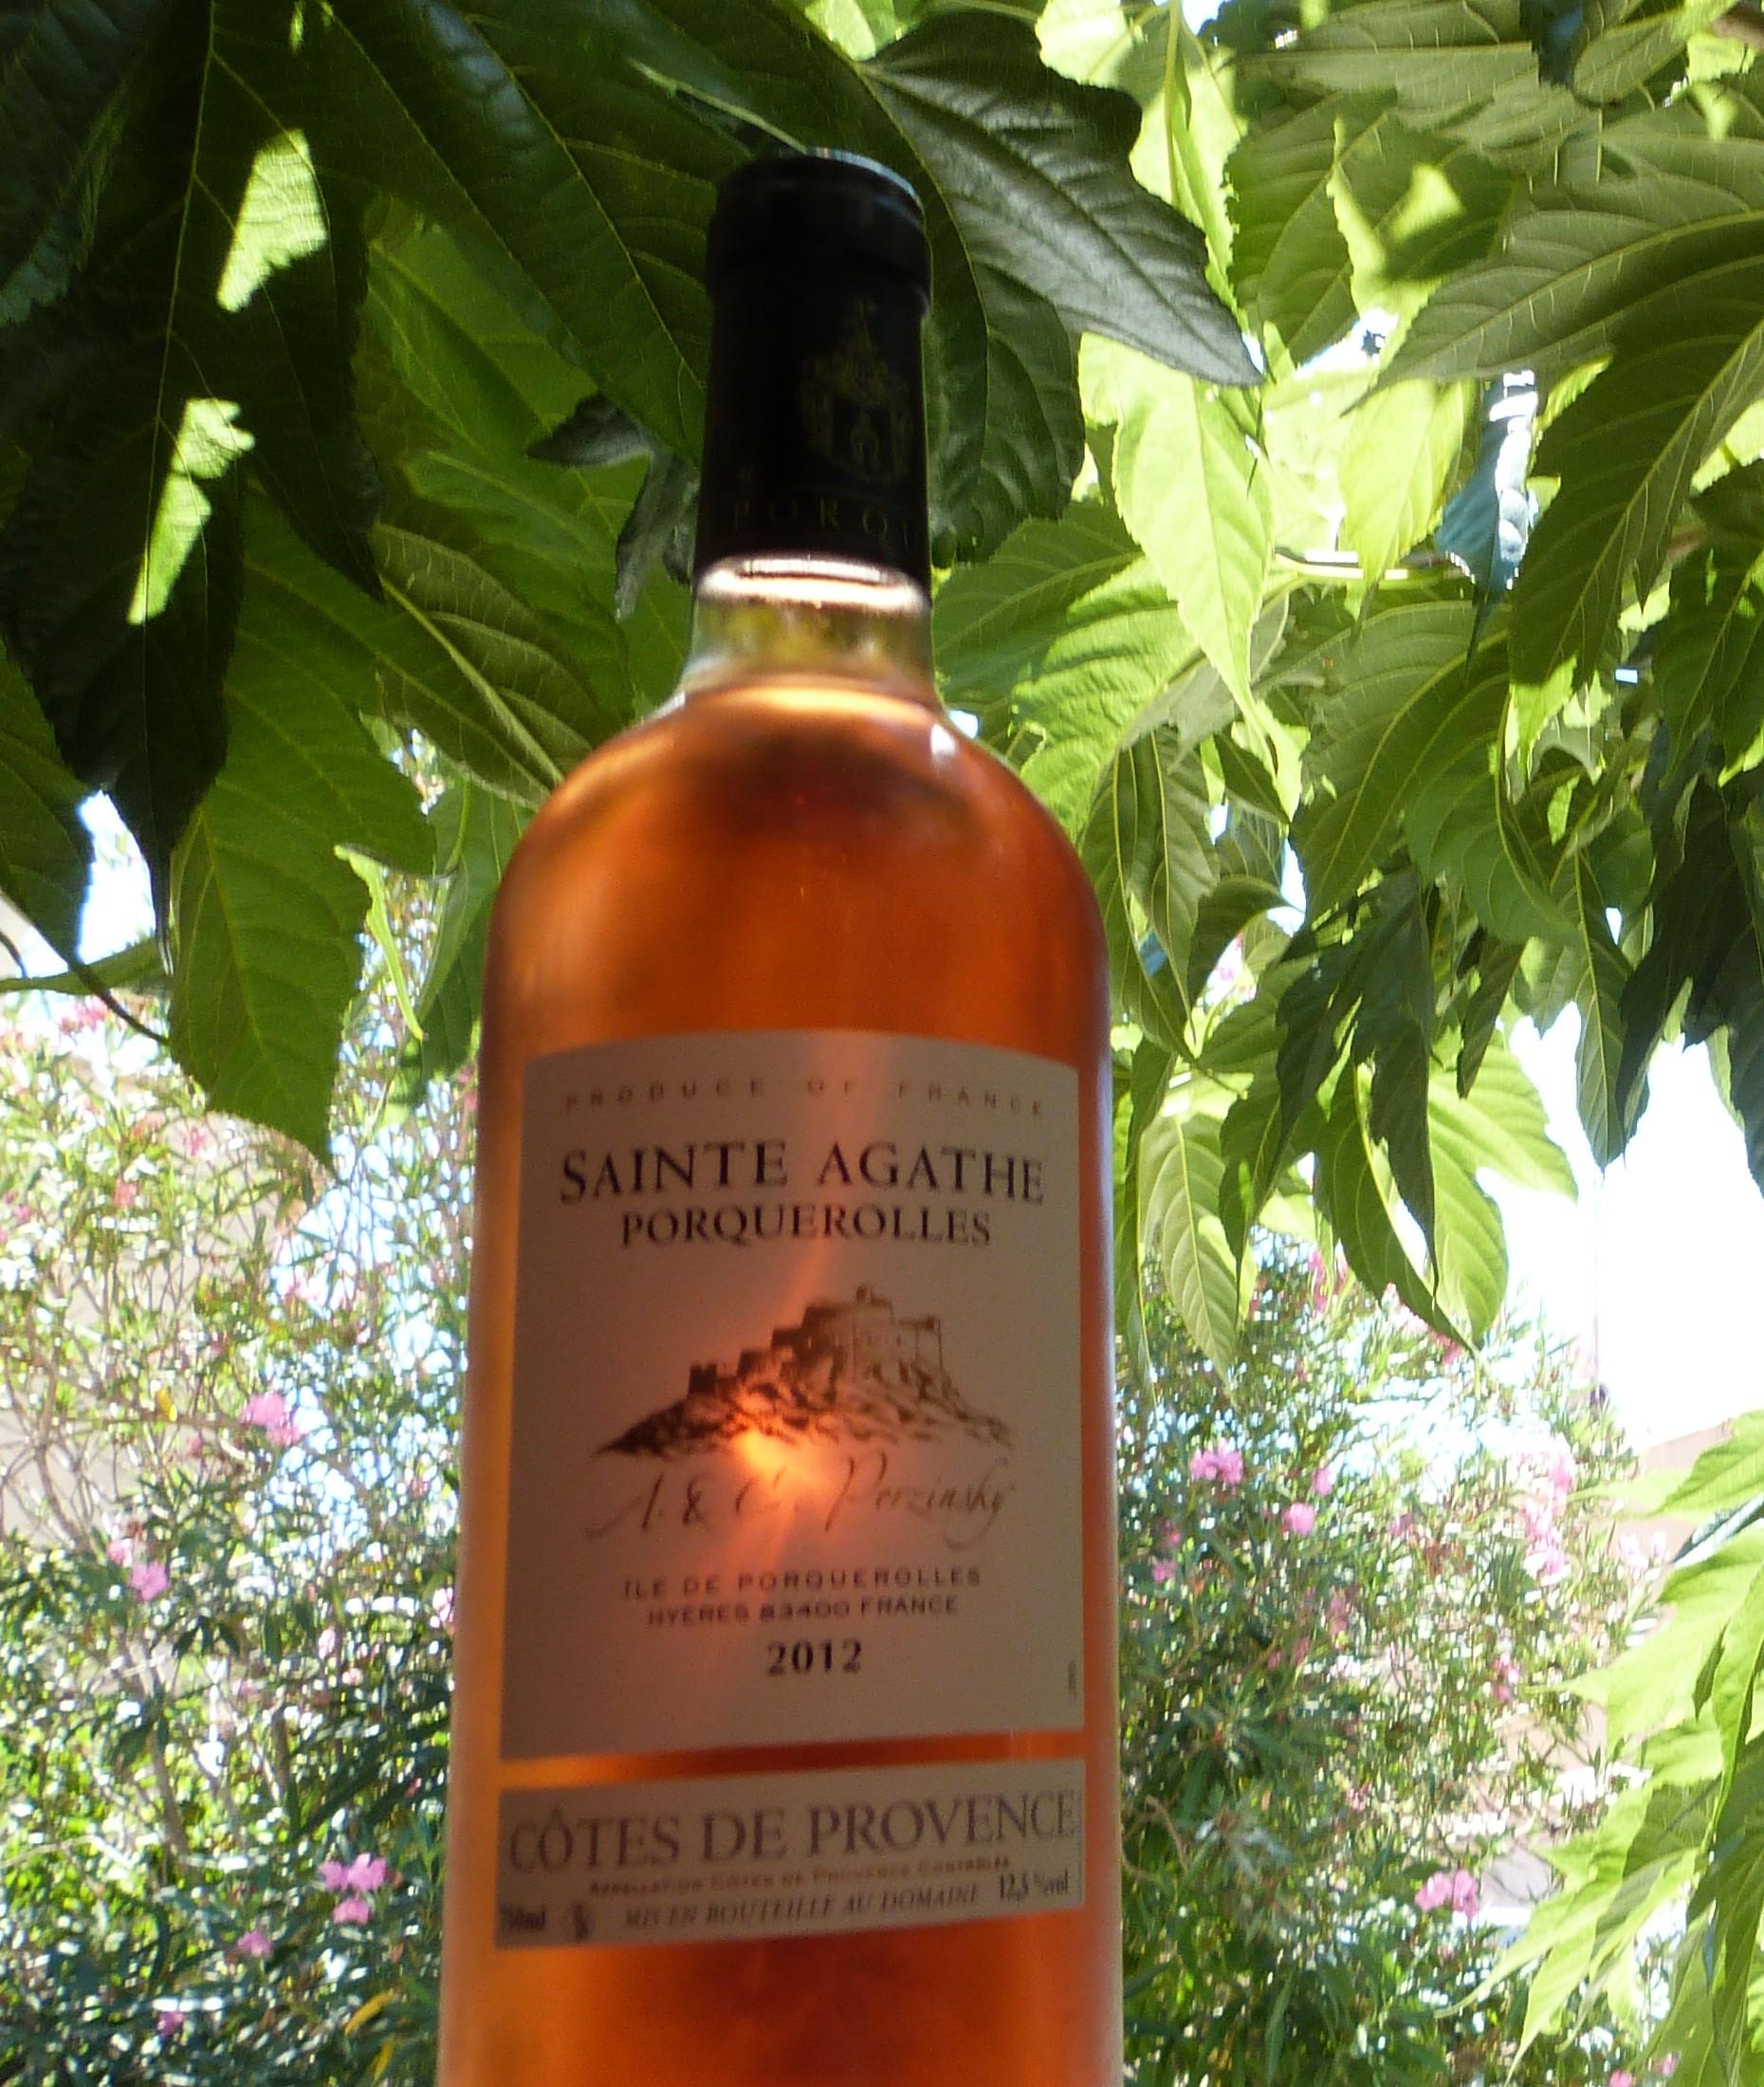 Côtes de Provence - Saint Agathe Rosé 2012